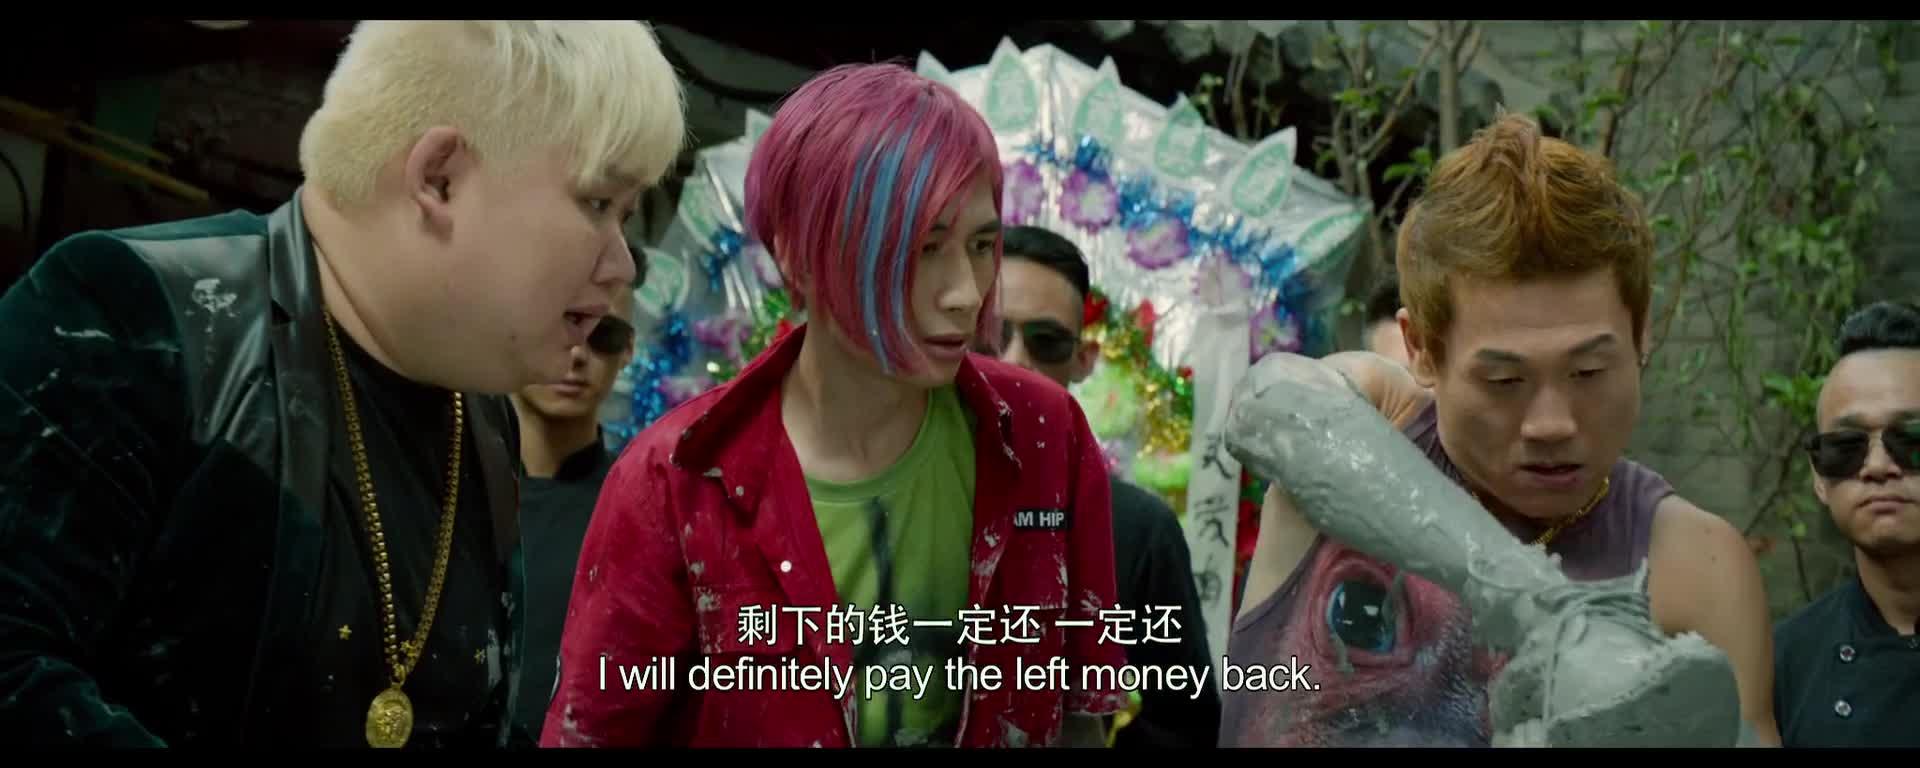 范小兵跟方健一伙人忙活一整天,终于将钱凑了个差不多。